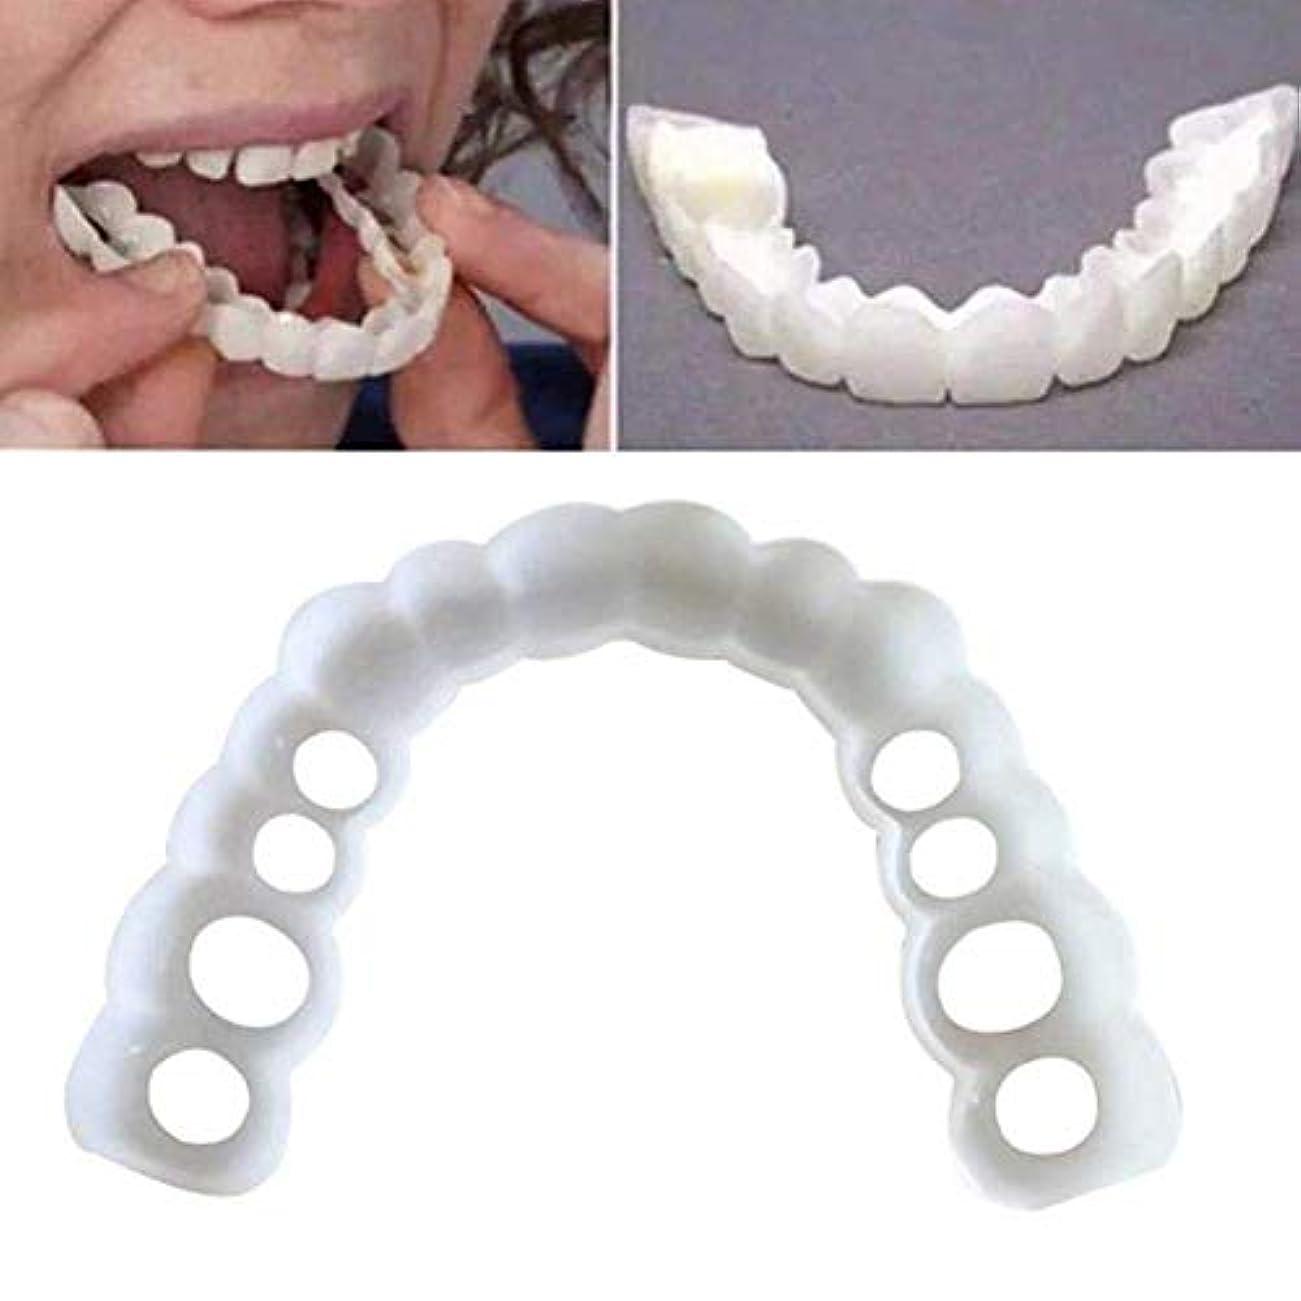 靴生物学散歩に行くソフト化粧品歯のための適切な美しいコンフォートの2ペアは、上部と下部のメイクベニアを入れ歯